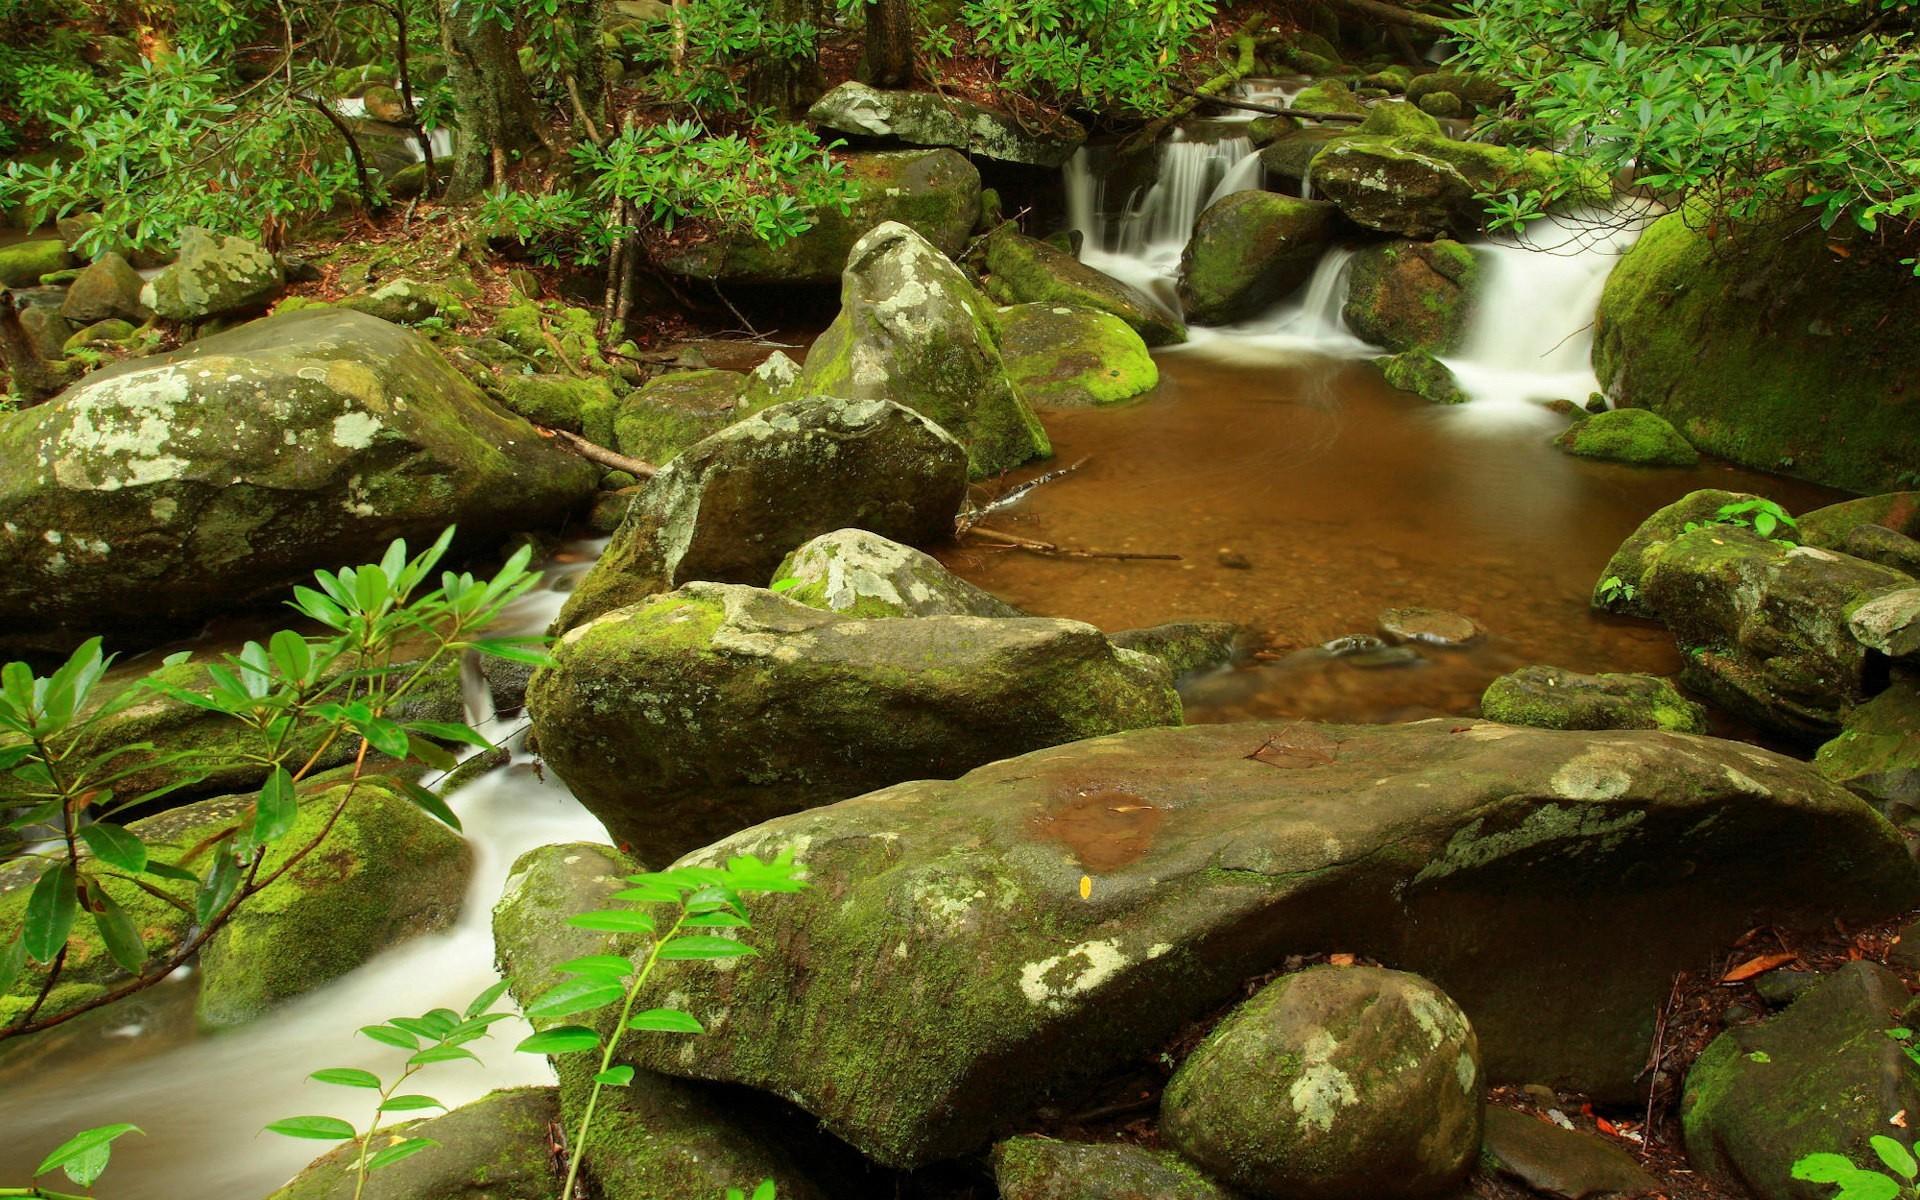 Домик сад камушки ручей загрузить